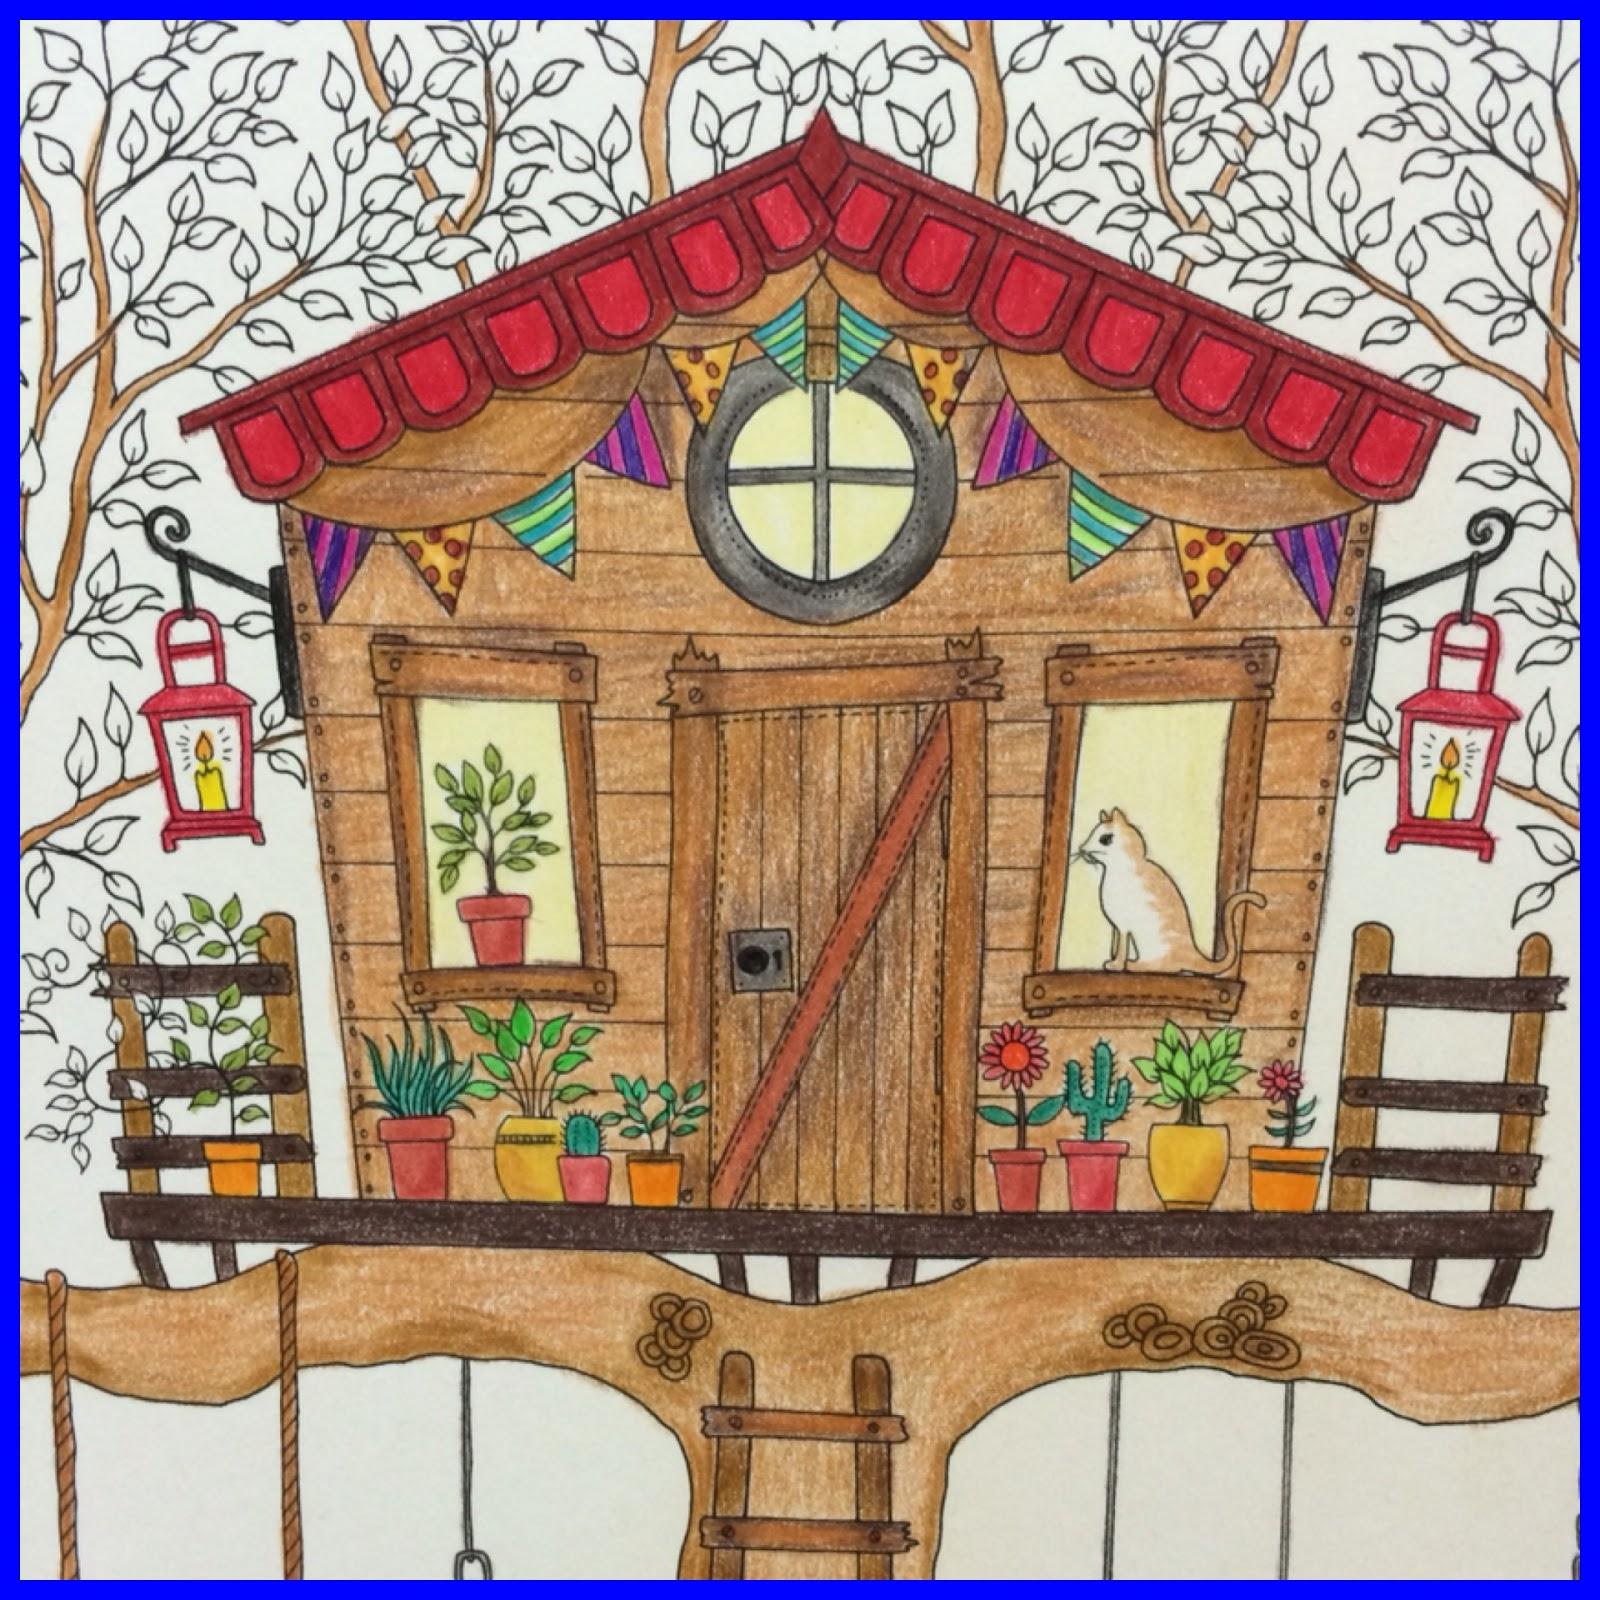 Eat what, Eat where?: Secret Garden #2 - Tree House